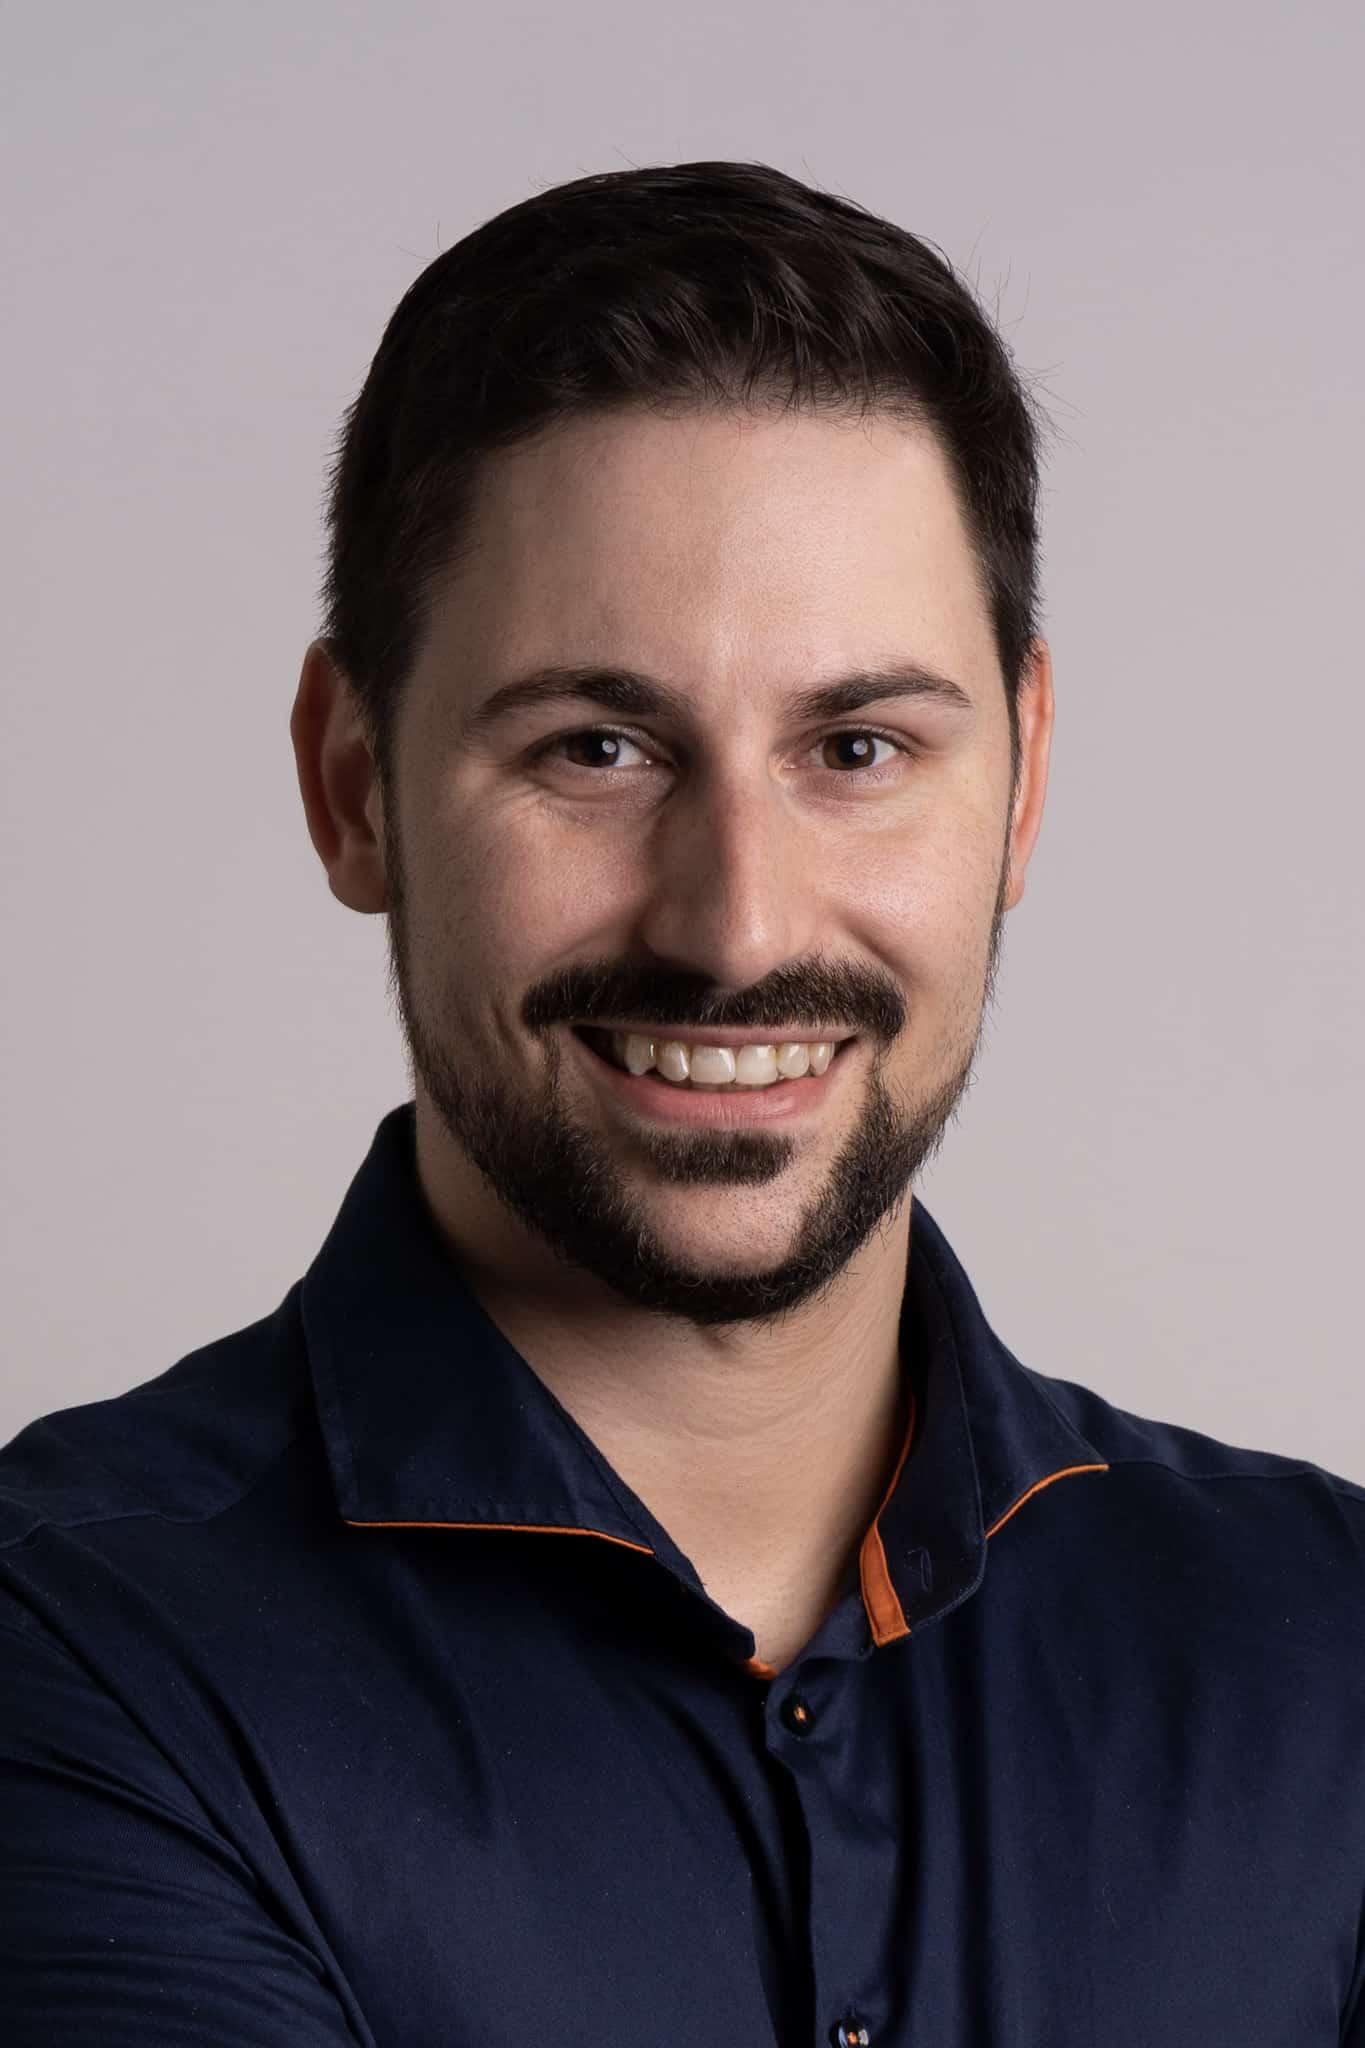 Maik Wanz